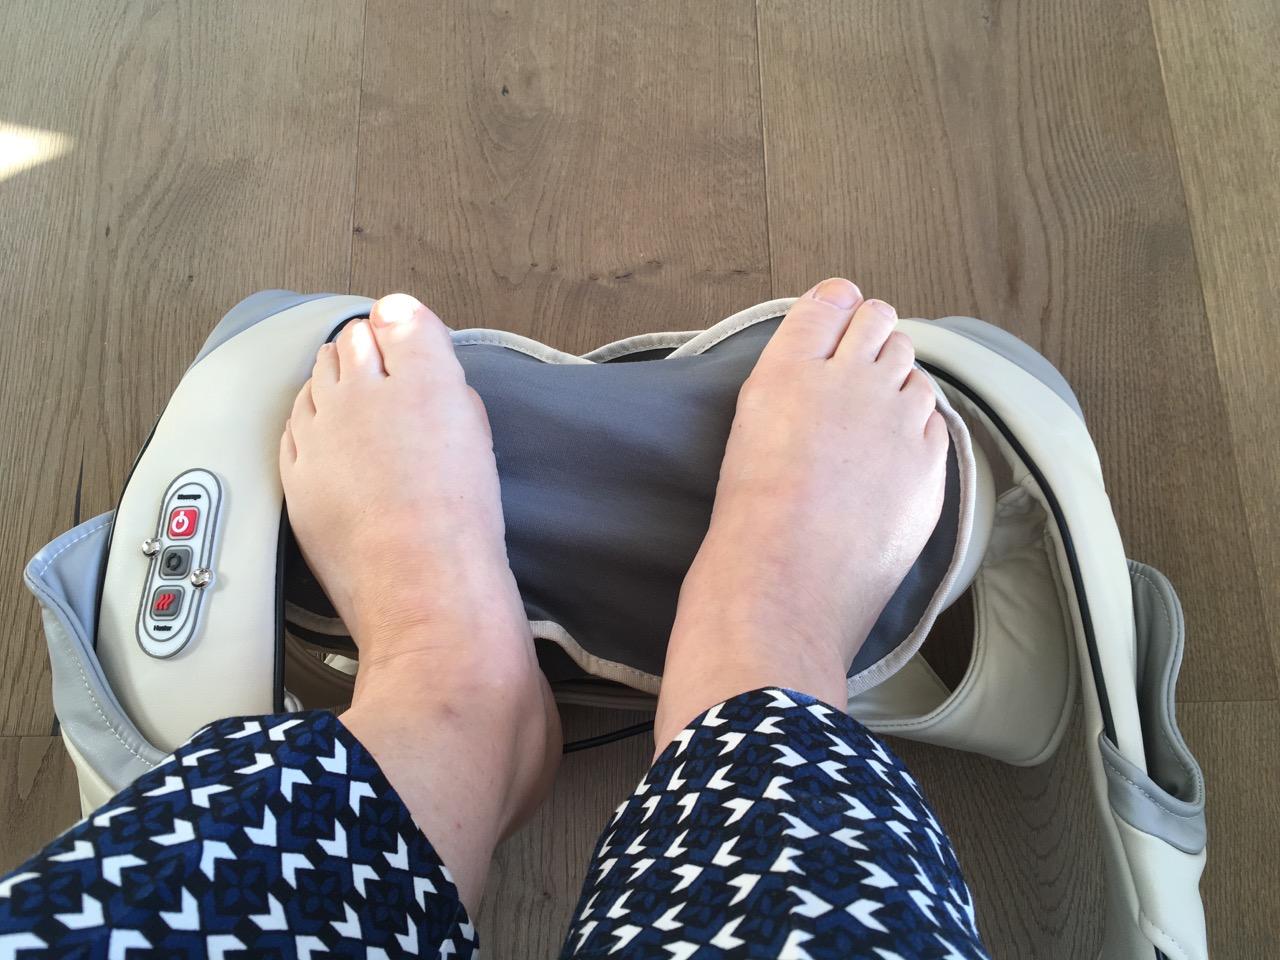 Ich mache entspannende massage zu Sashas Füße